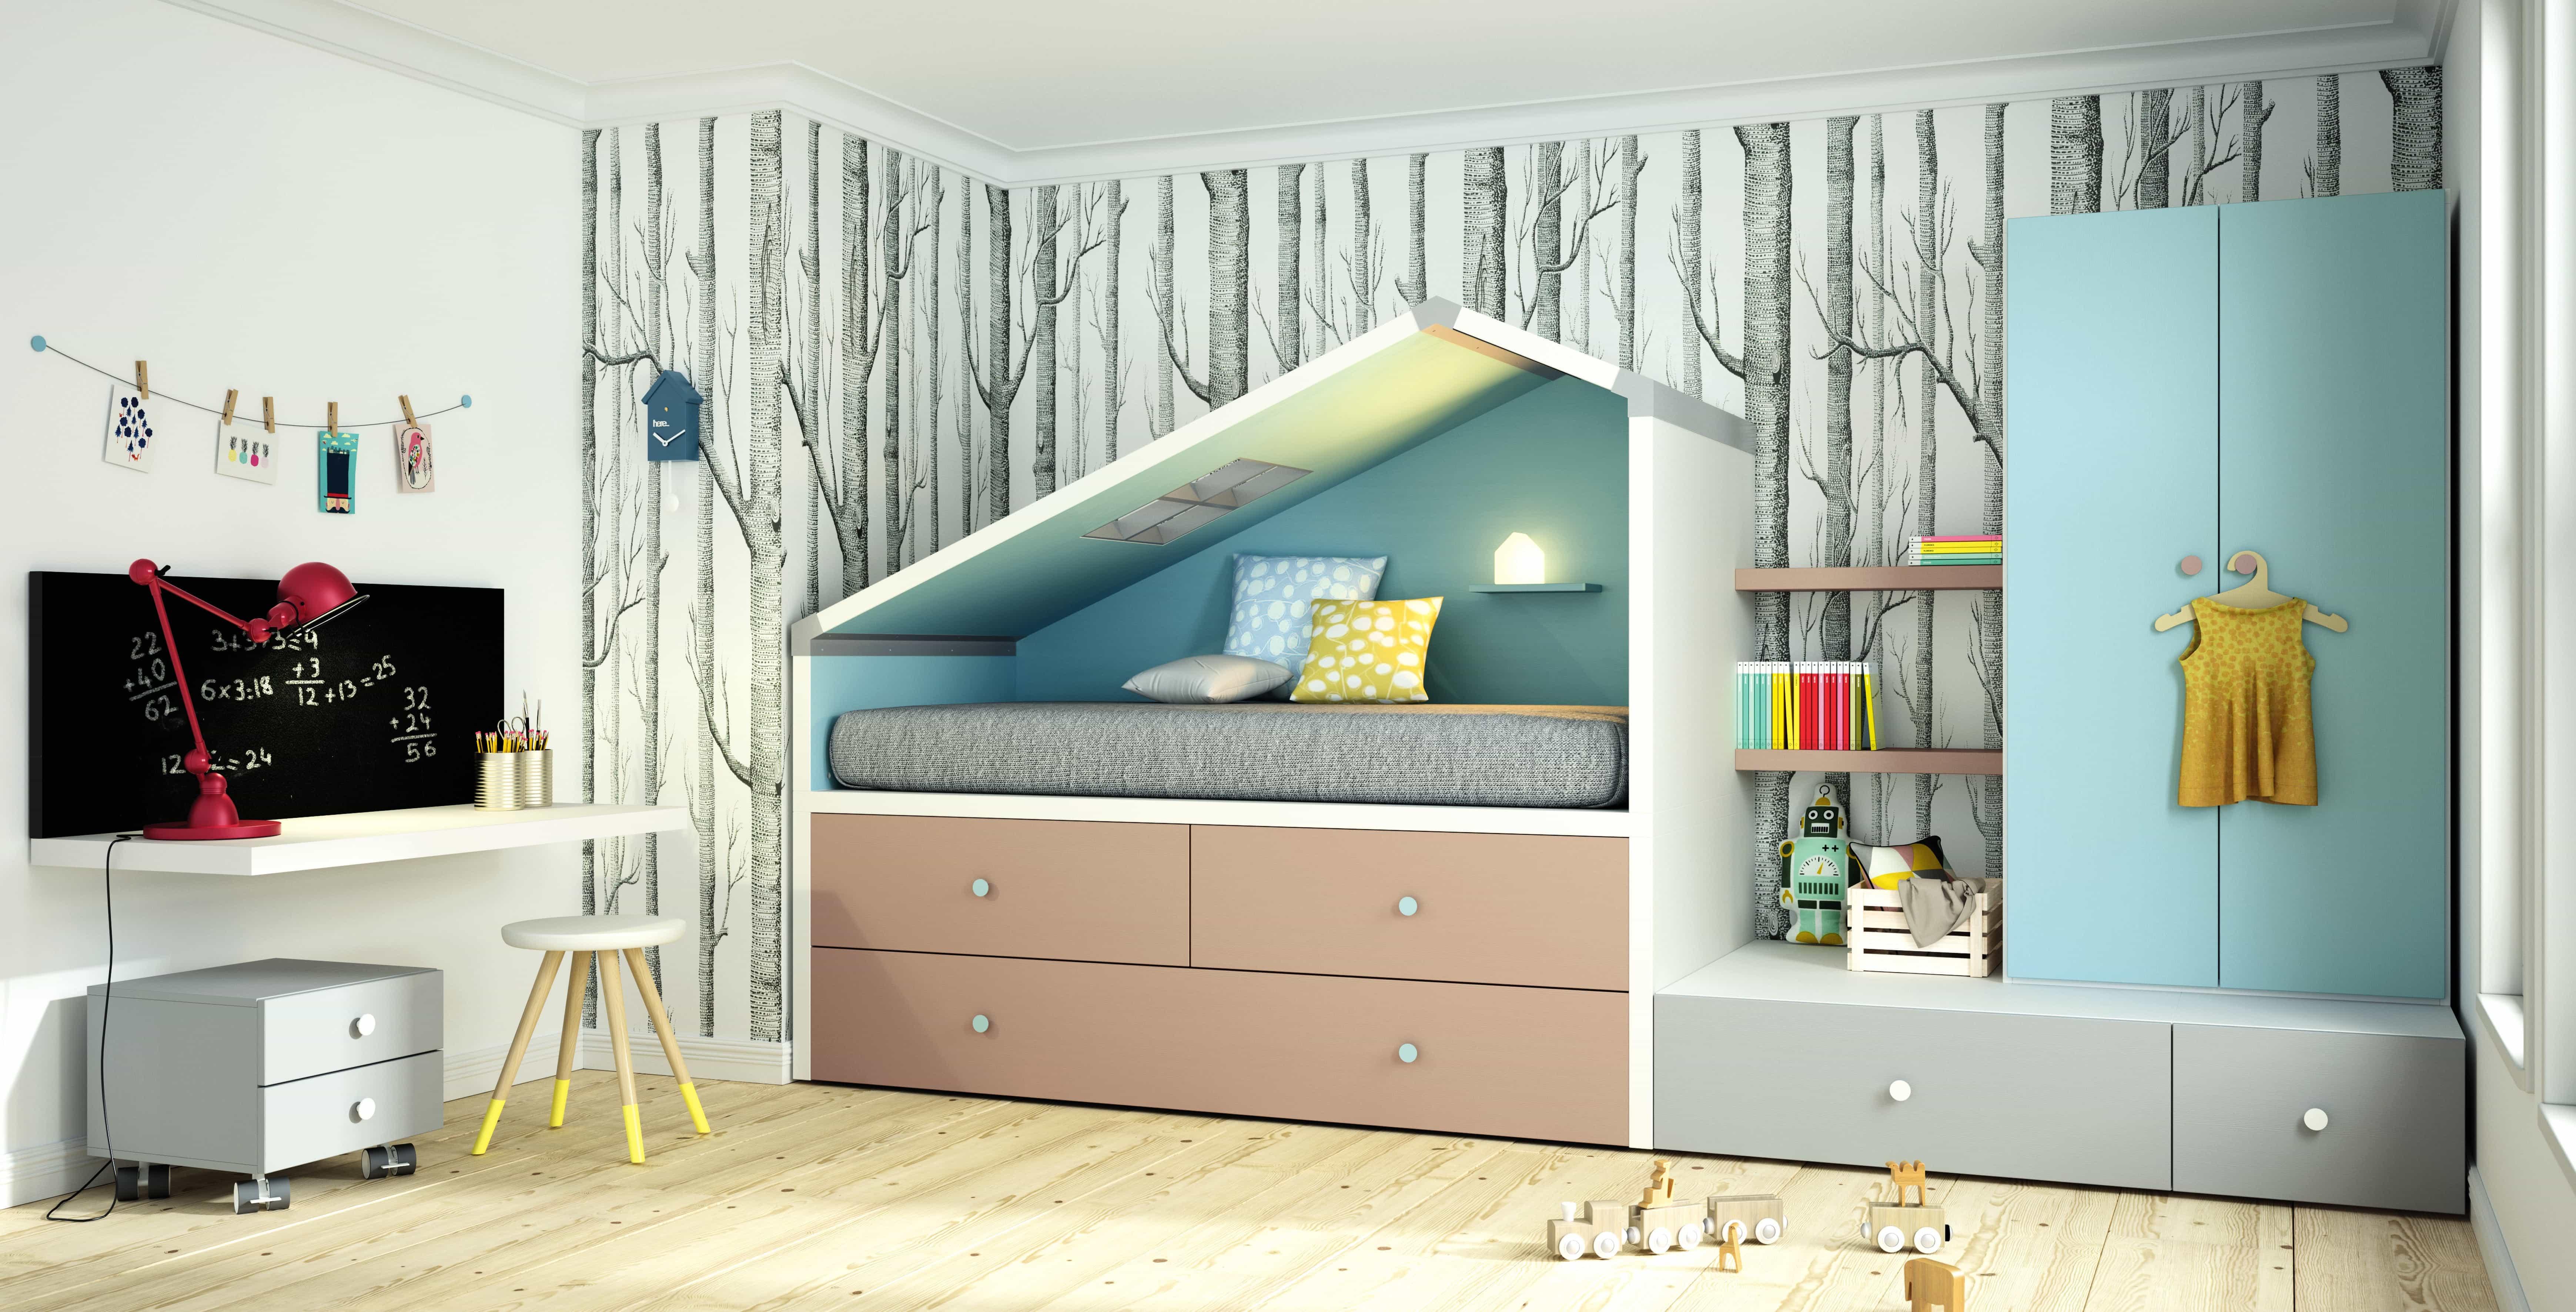 Camas nidos para dormitorios infantiles y juveniles for Dormitorios juveniles cama nido doble